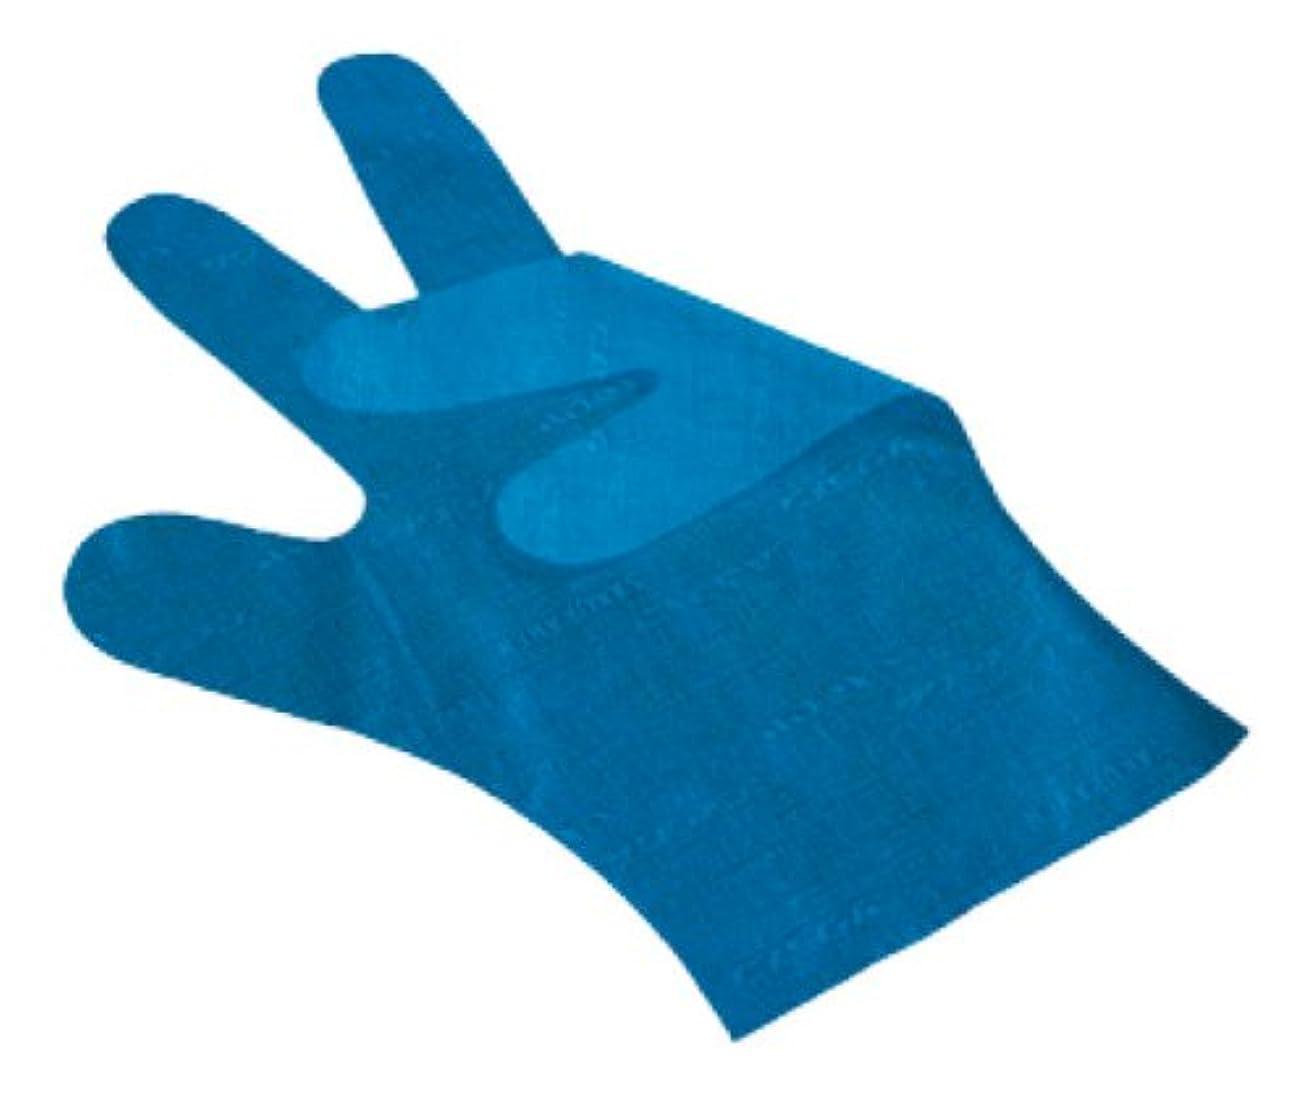 コンパイルピアノ発動機サクラメン手袋 デラックス(100枚入)L ブルー 35μ